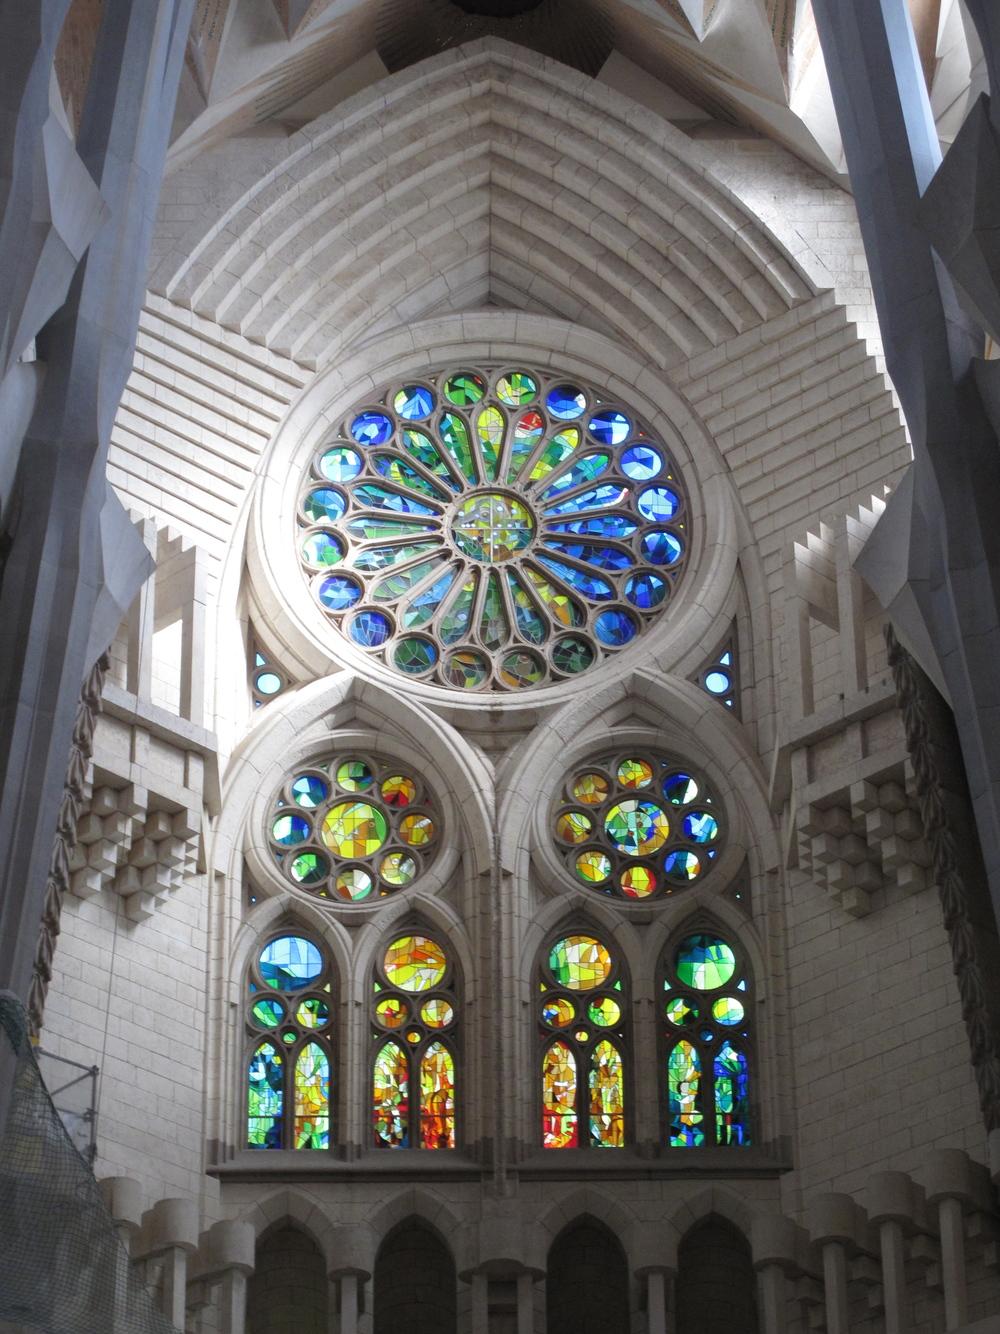 Stained glass window inside Sagrada Familia